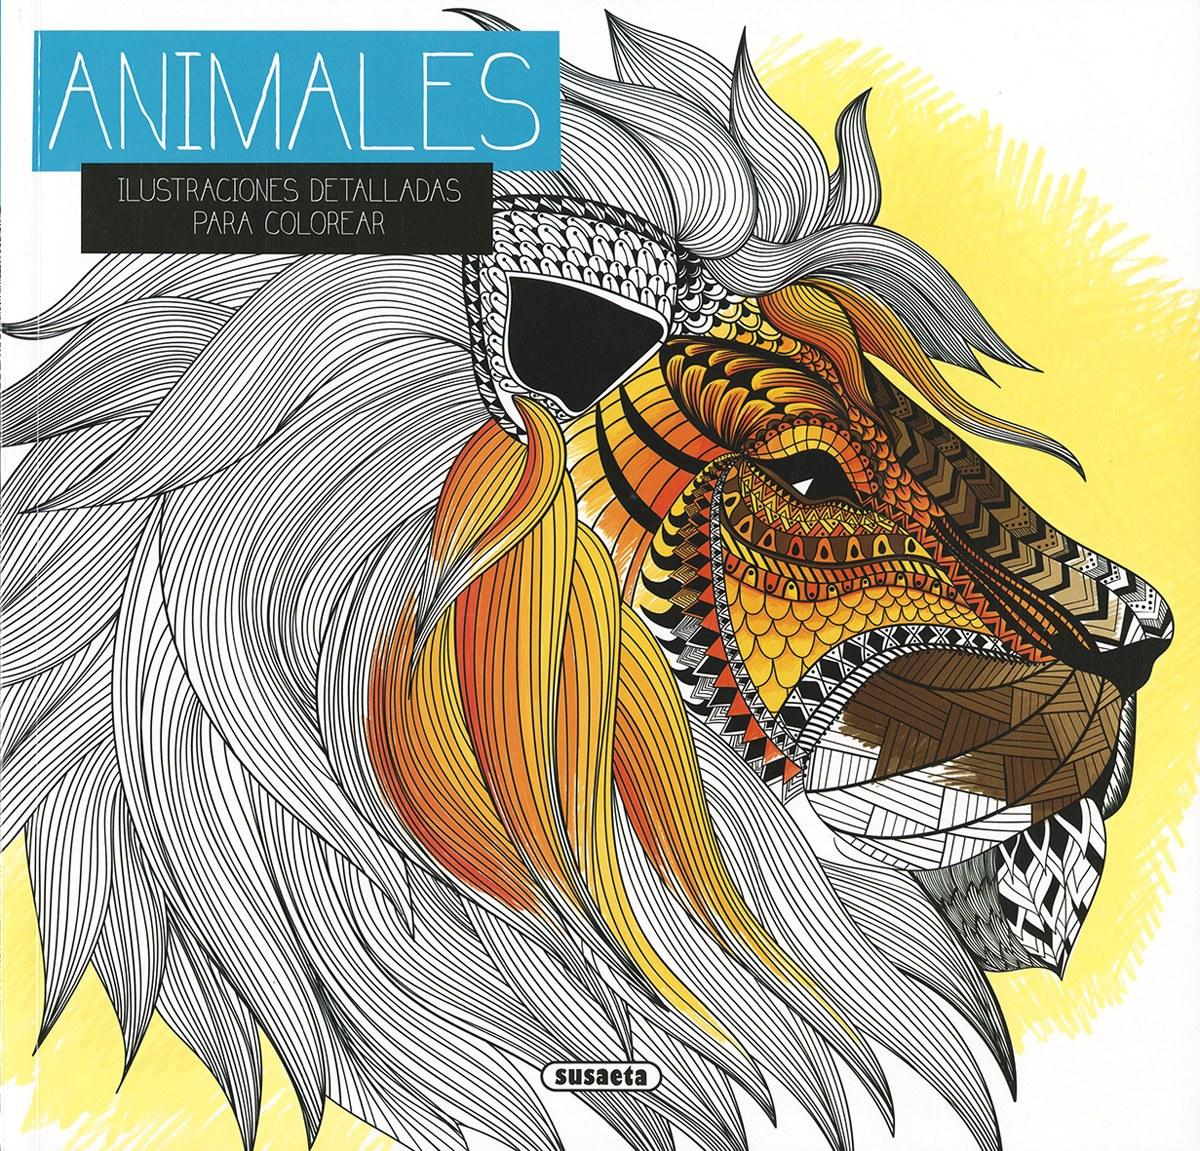 Animales 9788467749762